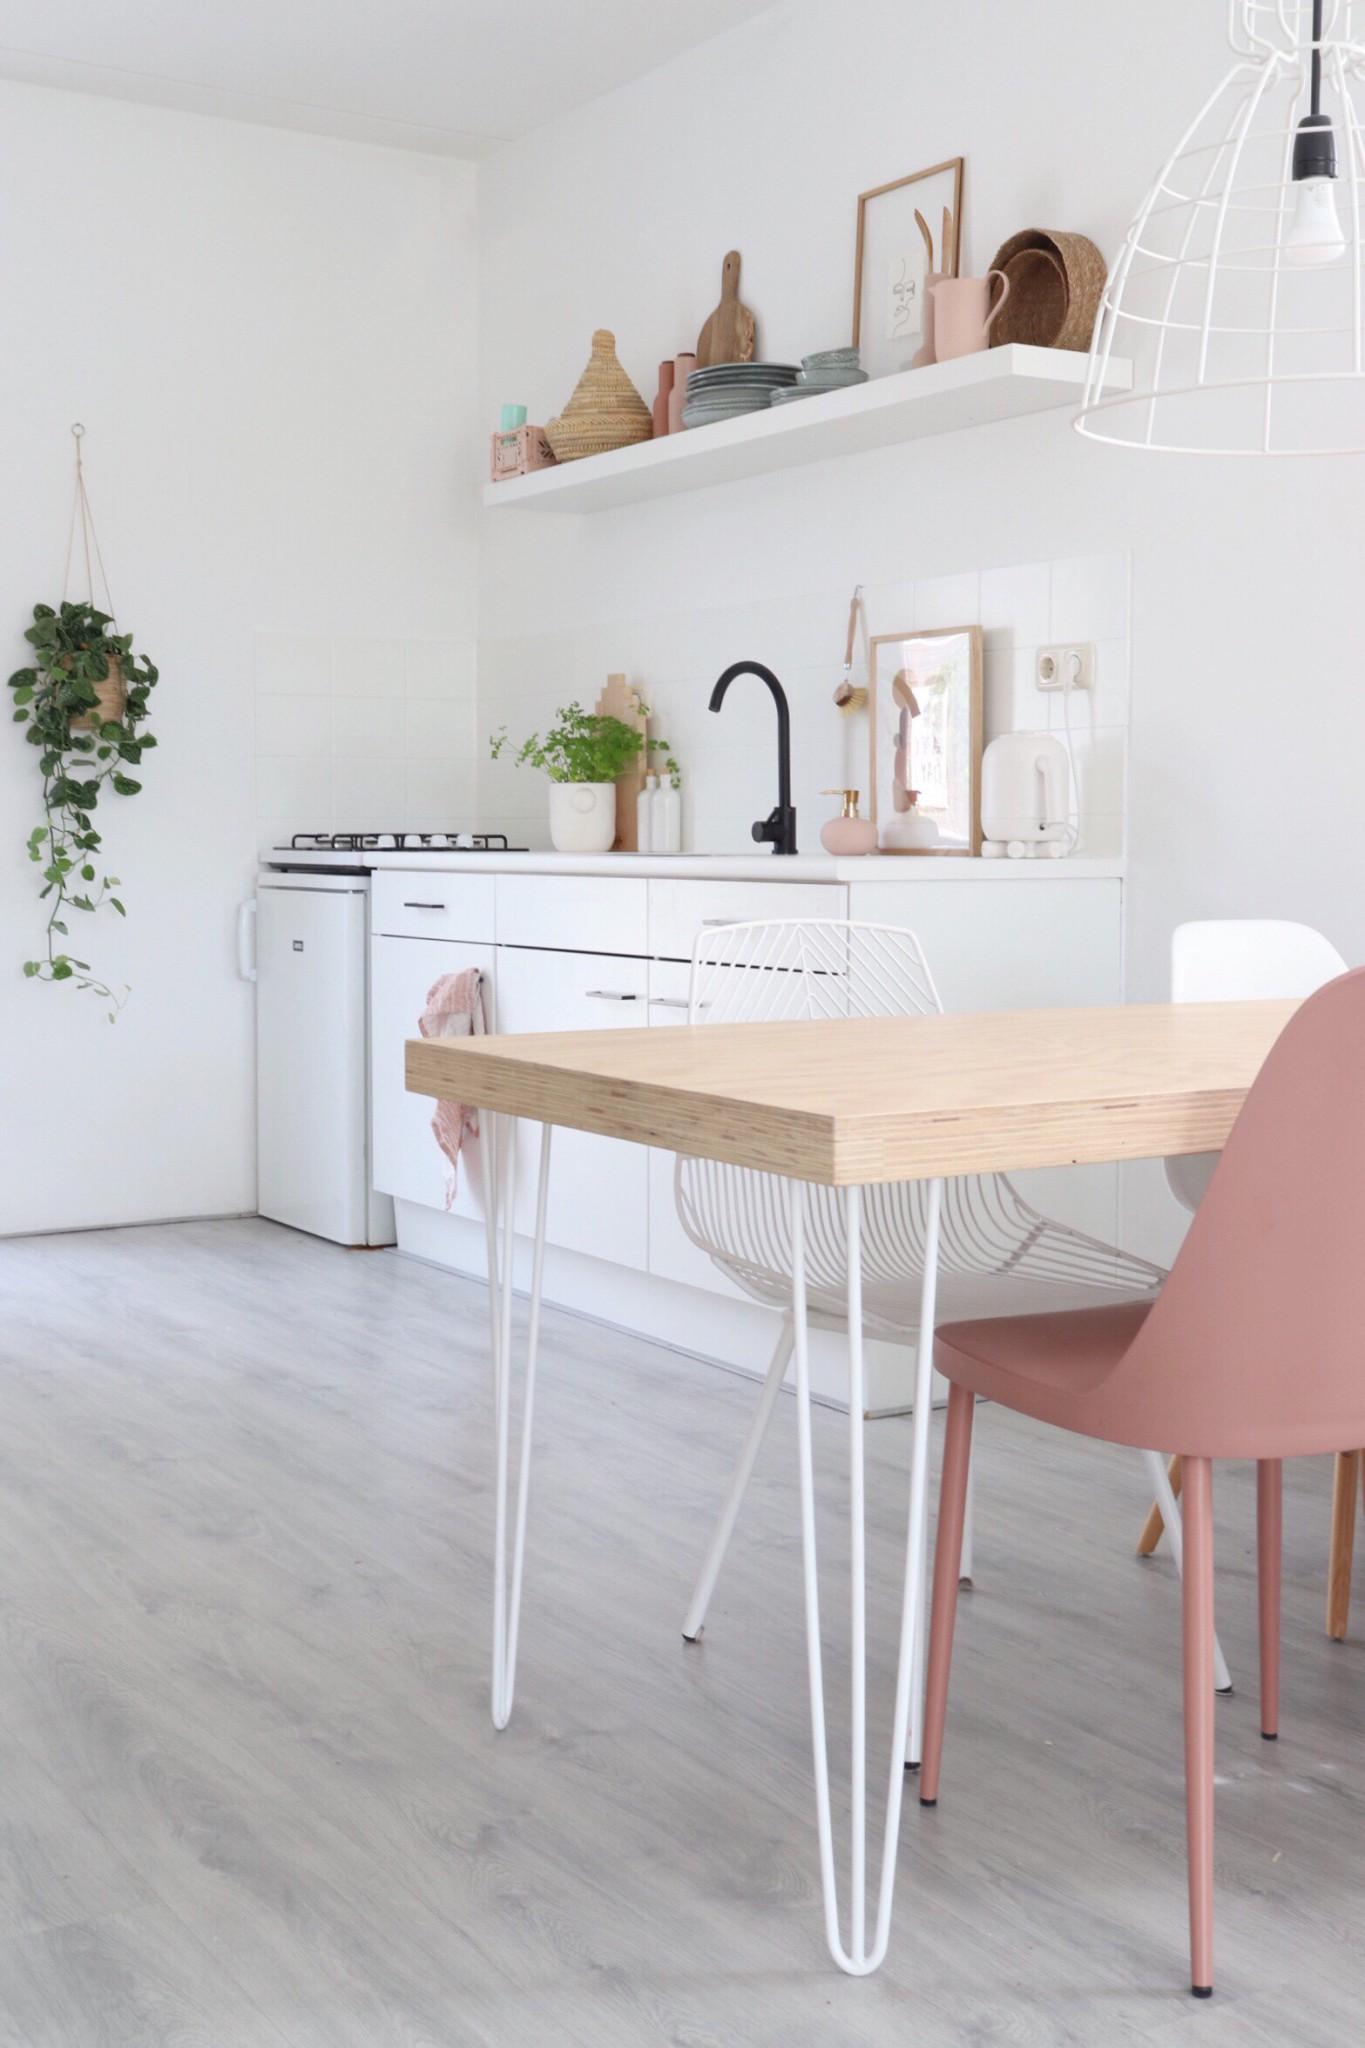 eettafel vlakbij een witte keuken